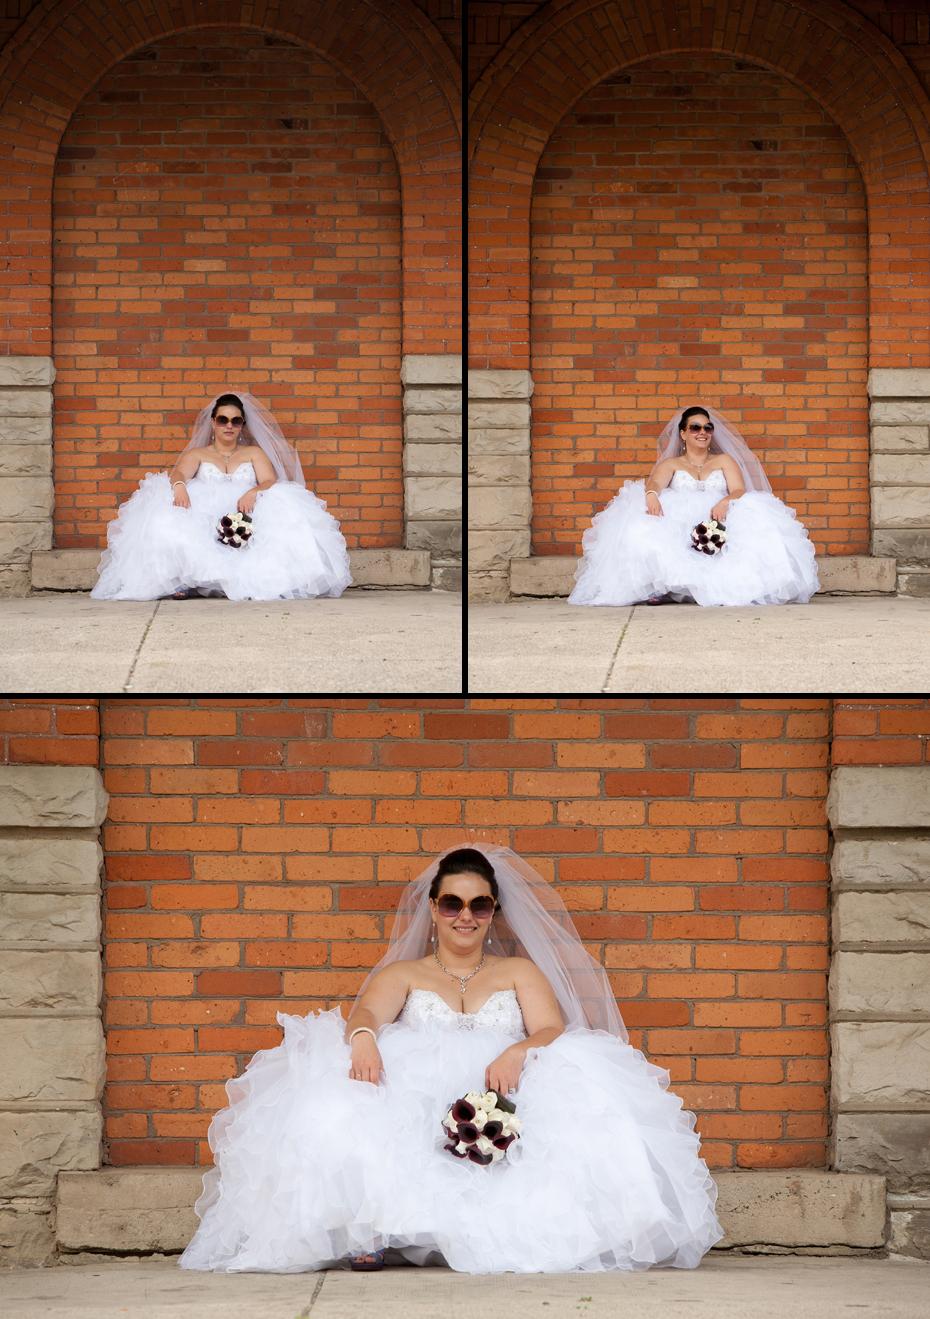 GathCityPhotographycomp031.jpg